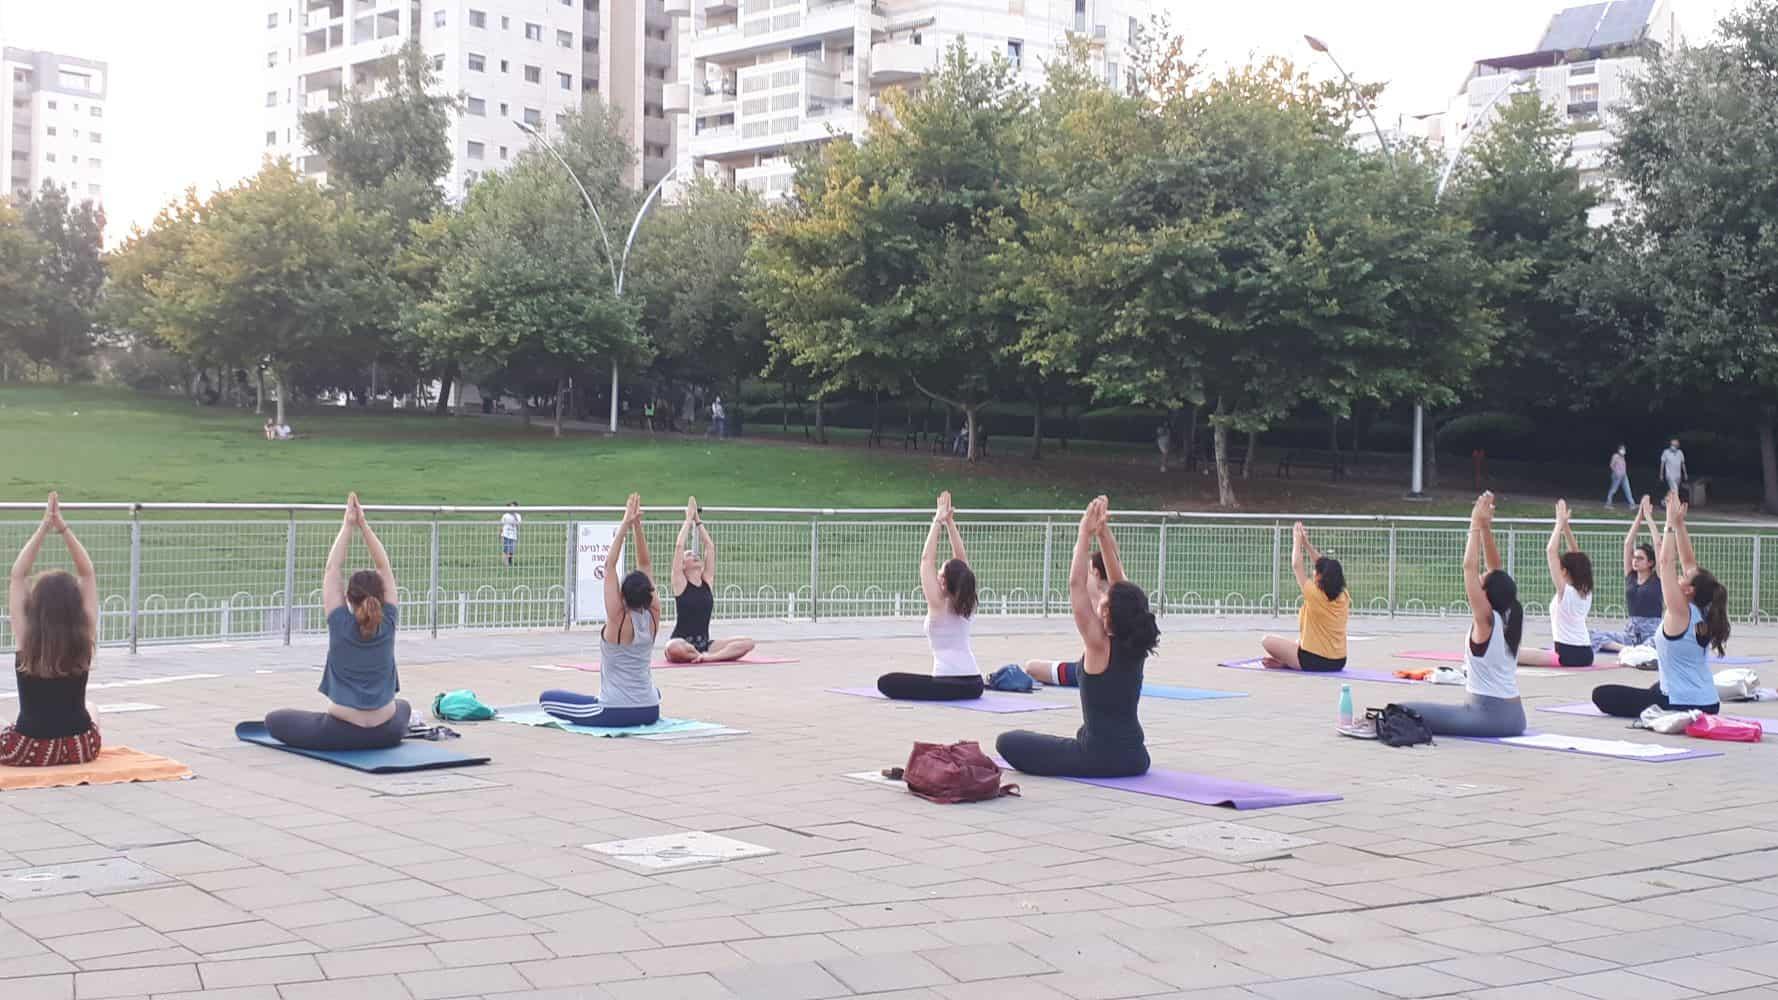 יוגה באוויר הפתוח-רוני מנשה מויאל_פארק גבעתיים